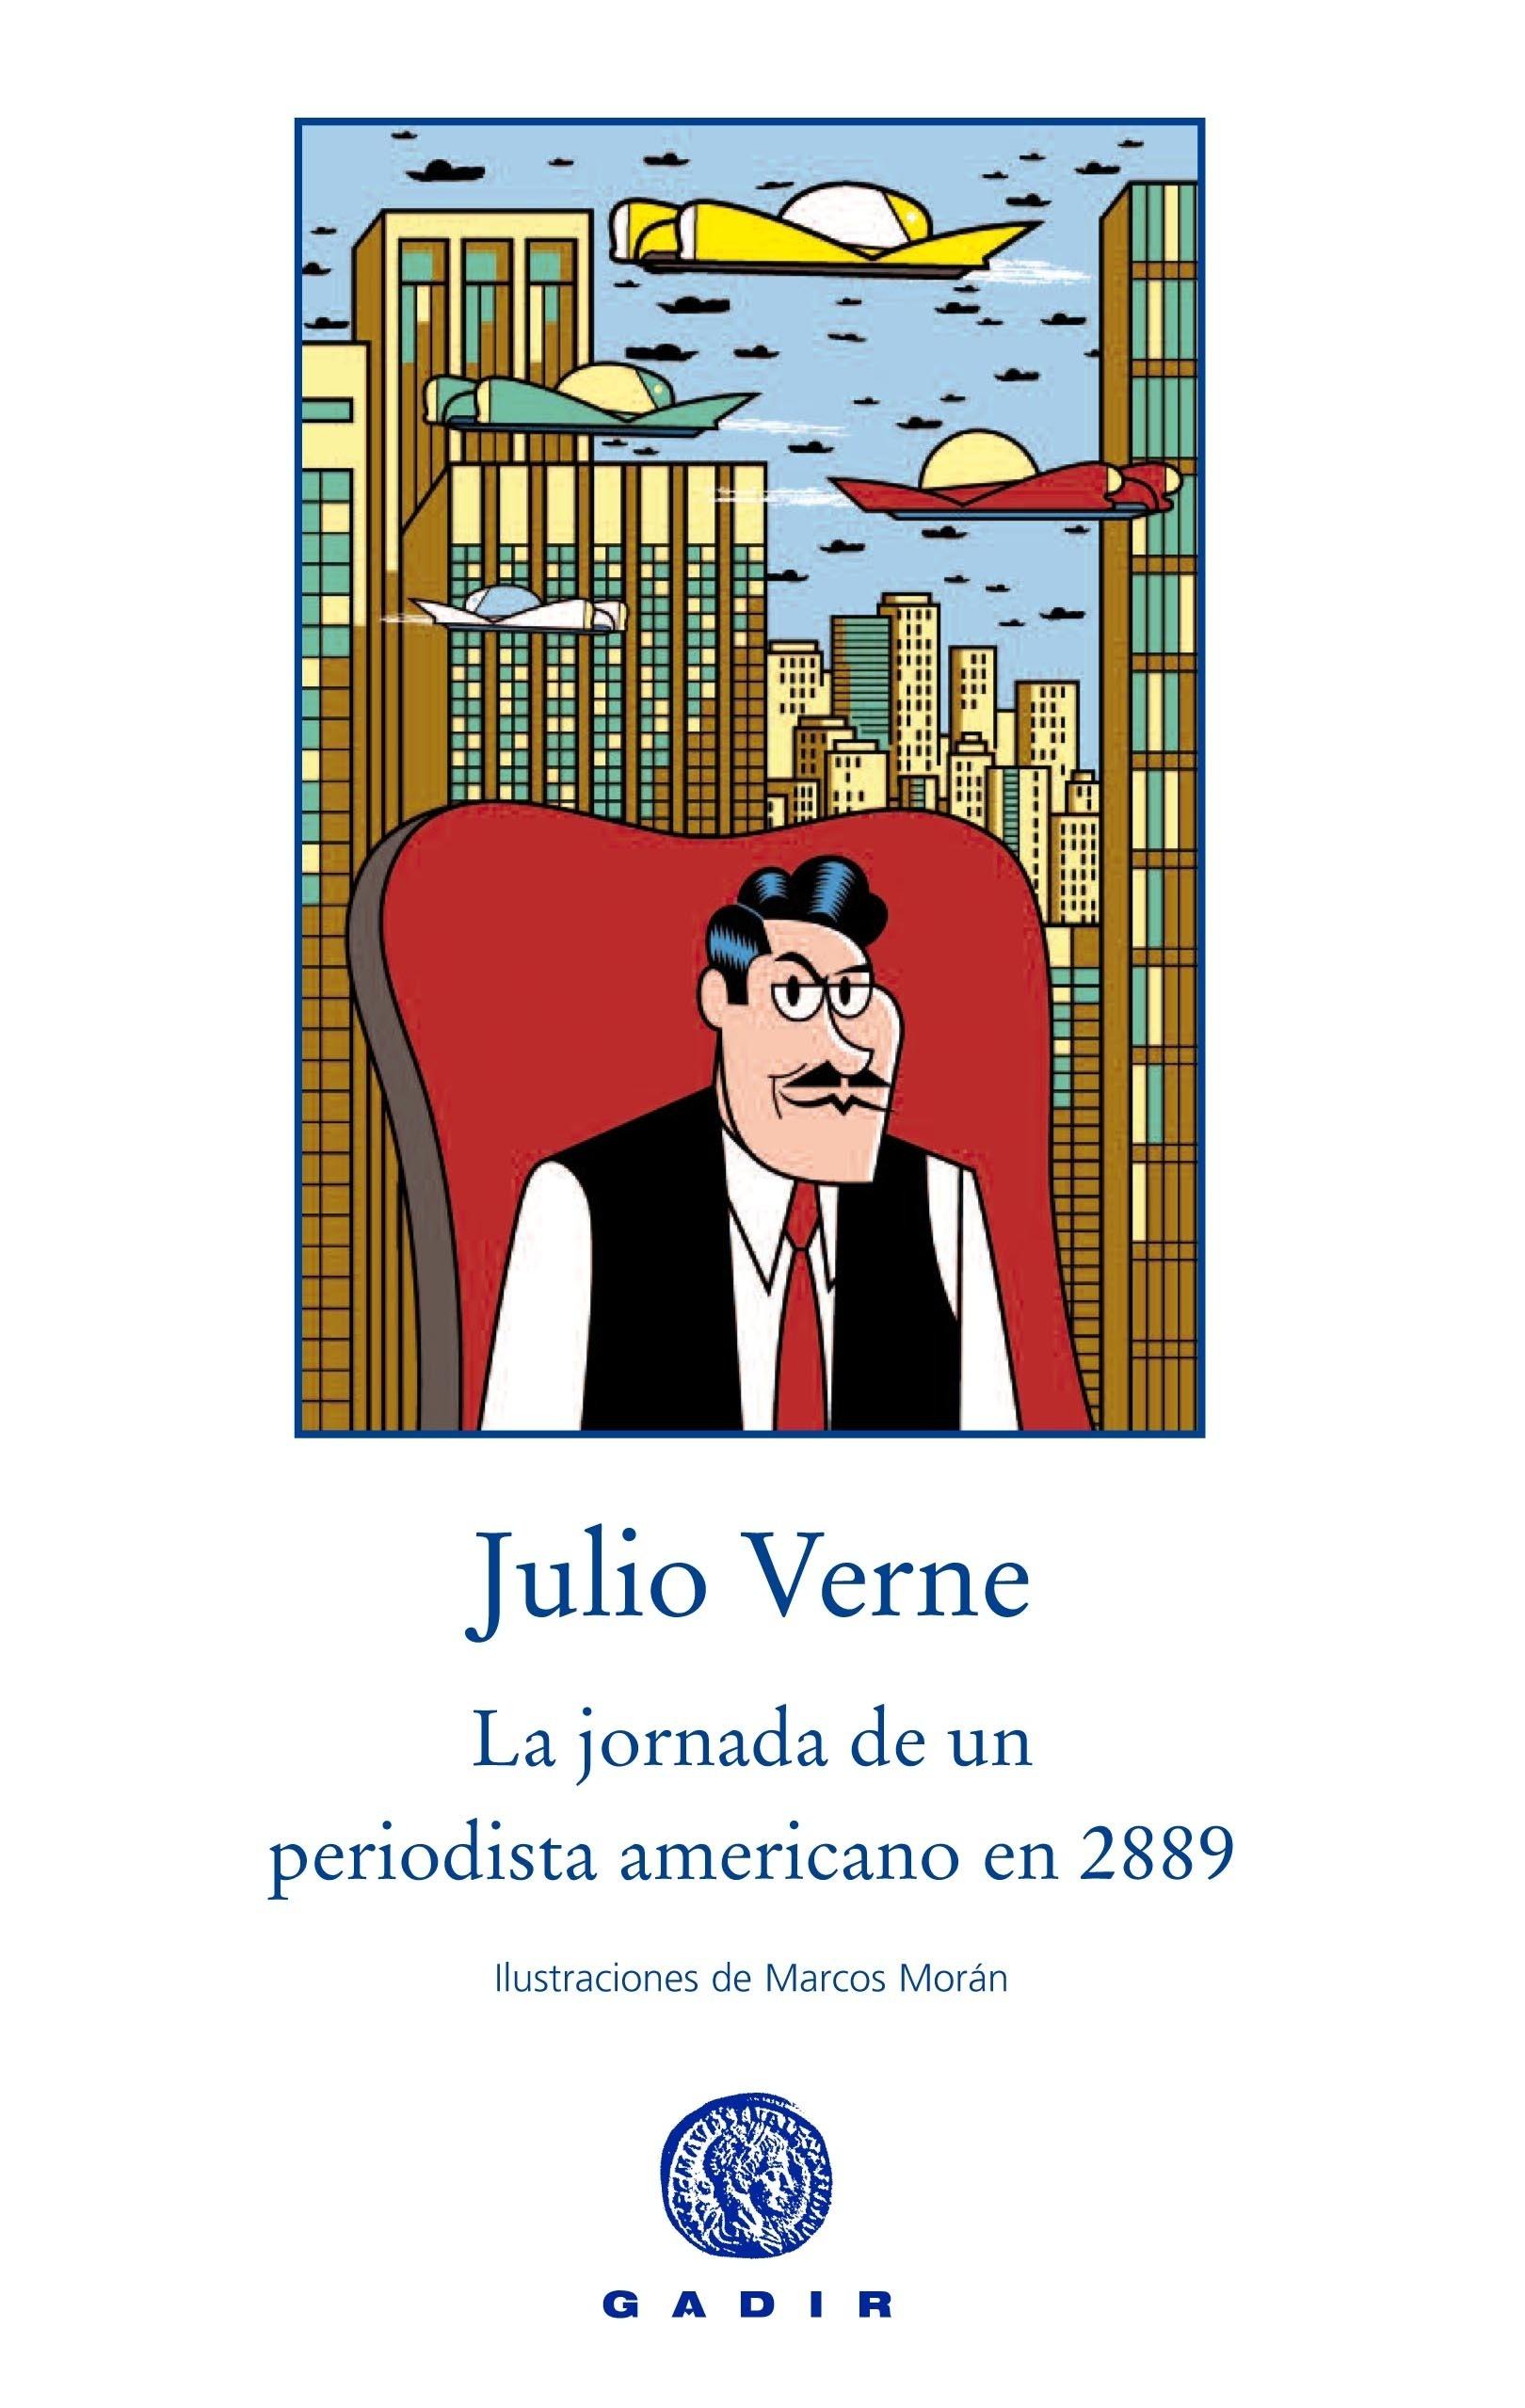 Libro: La jornada de un periodista americano en 2889 - Verne, Julio